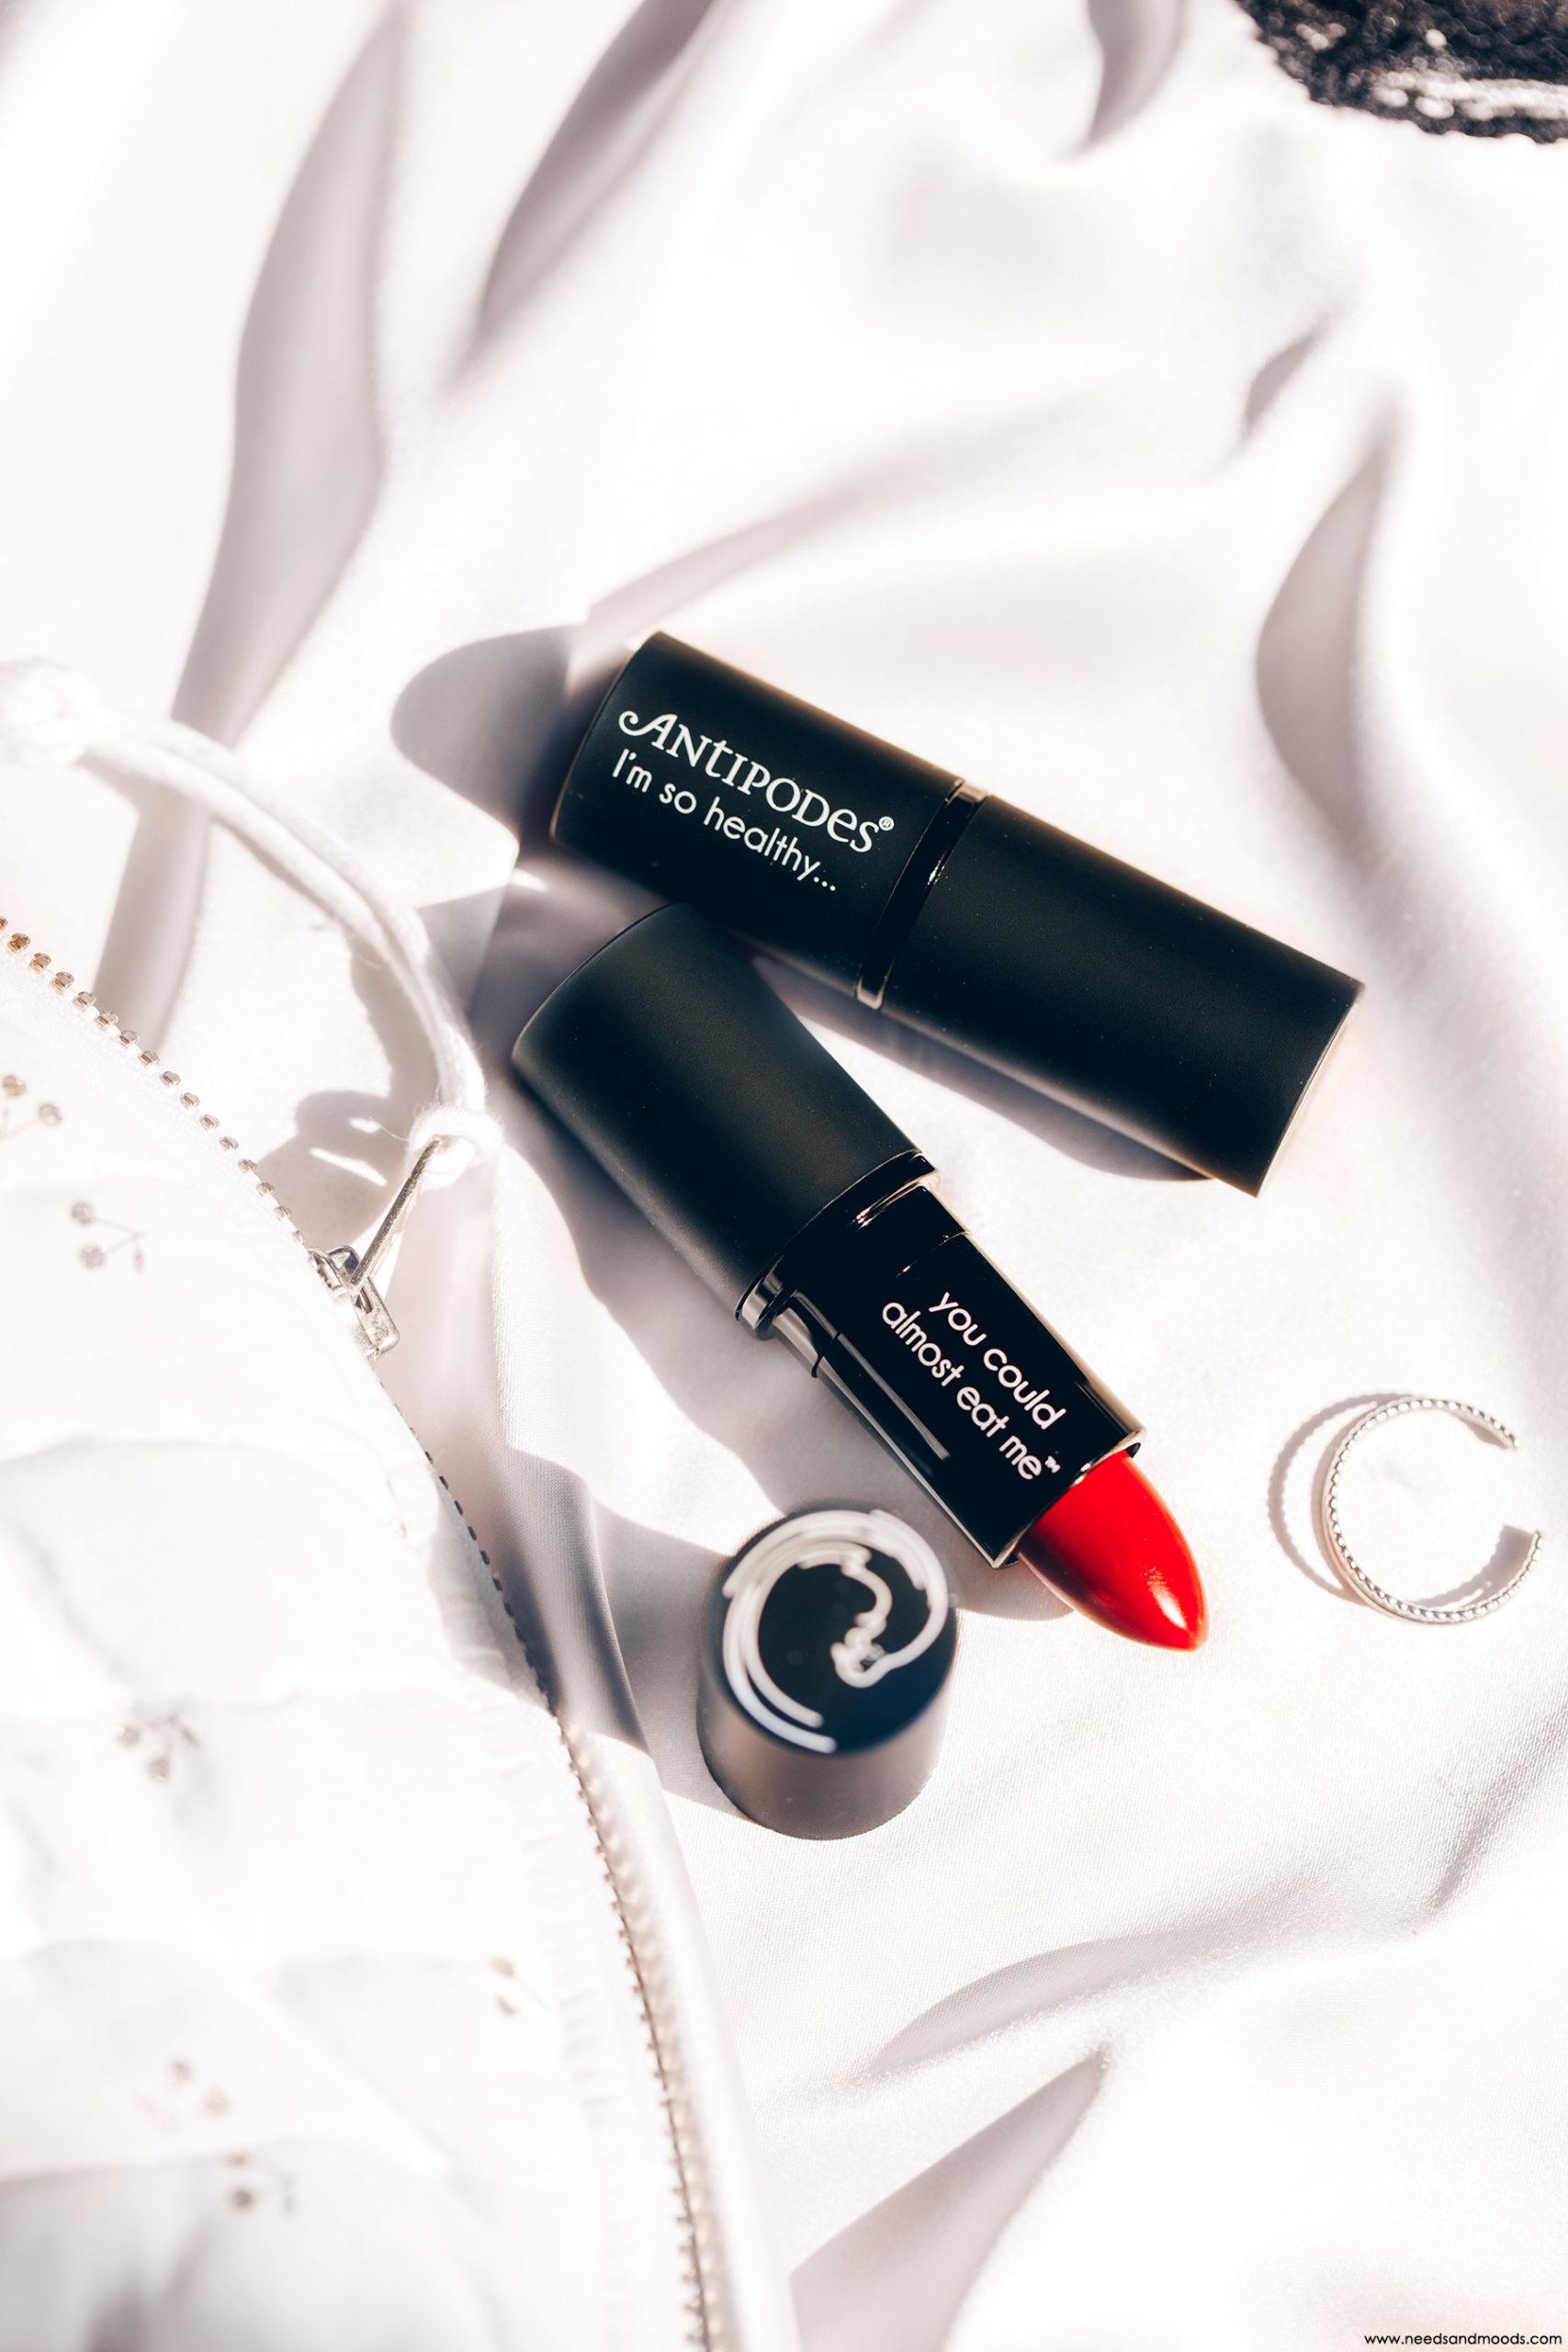 antipodes moisture boost natural lipstick avis